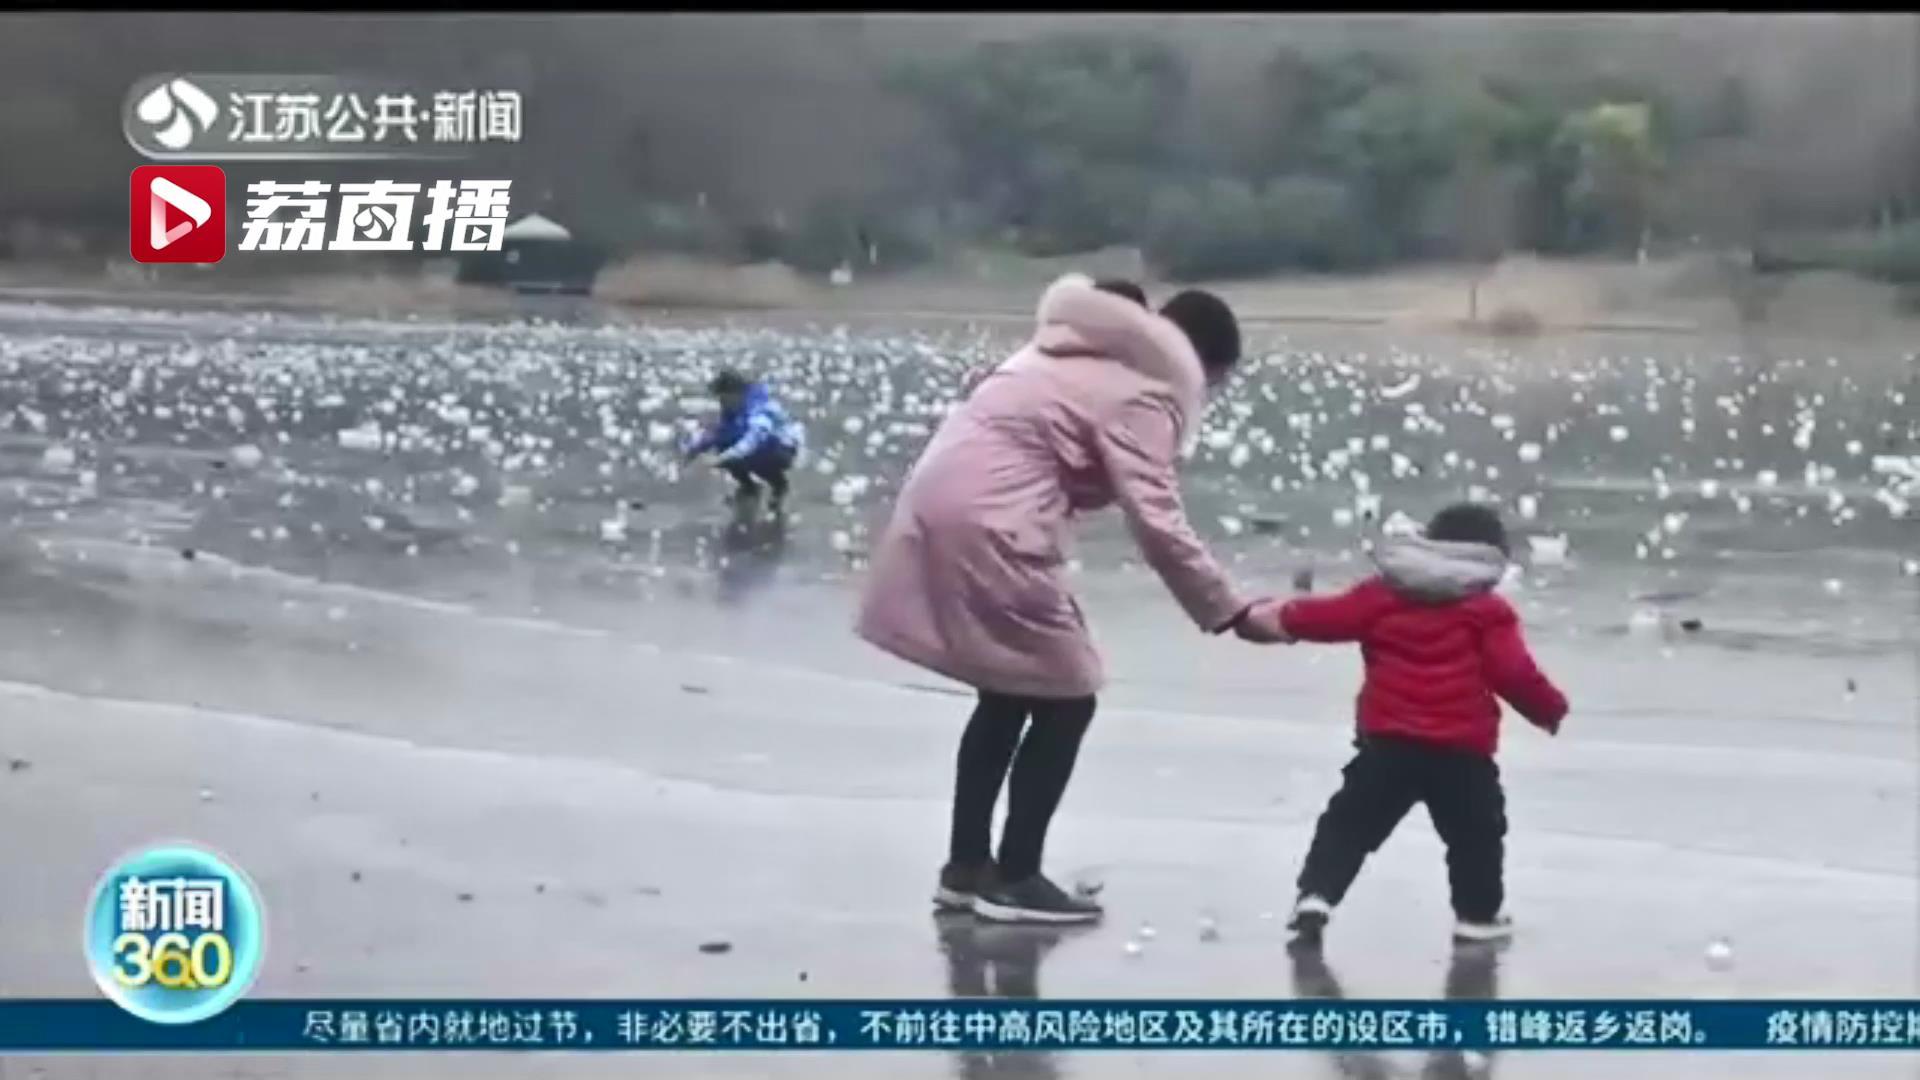 这样玩冰太危险!气温回暖湖区冰面即将化冻